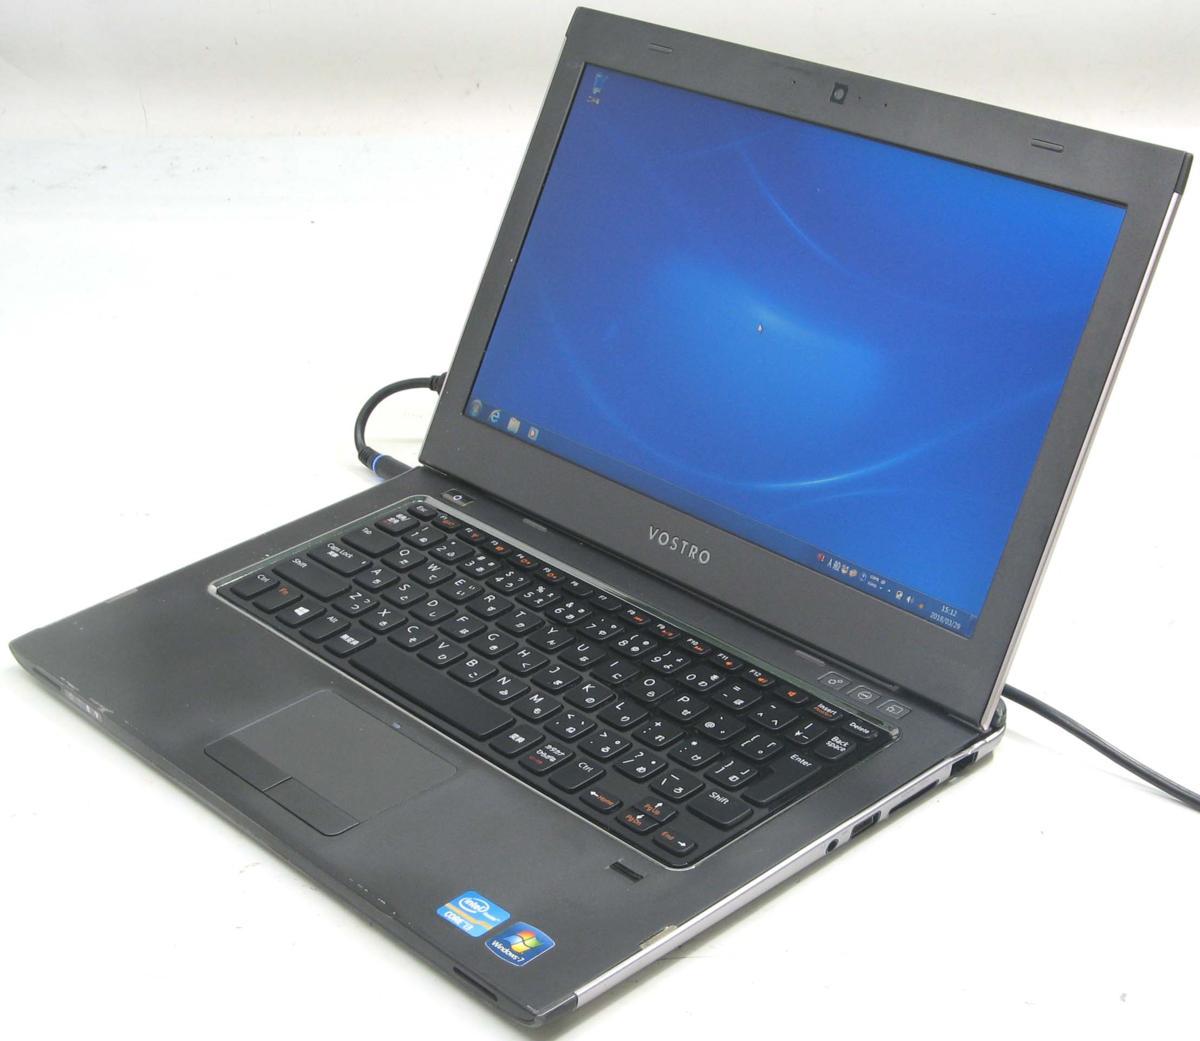 中古ノートパソコン DELL Vostro 3360-1900HD(デル Windows7 Corei3 HDMI出力端子)【中古】【中古パソコン/中古PC】